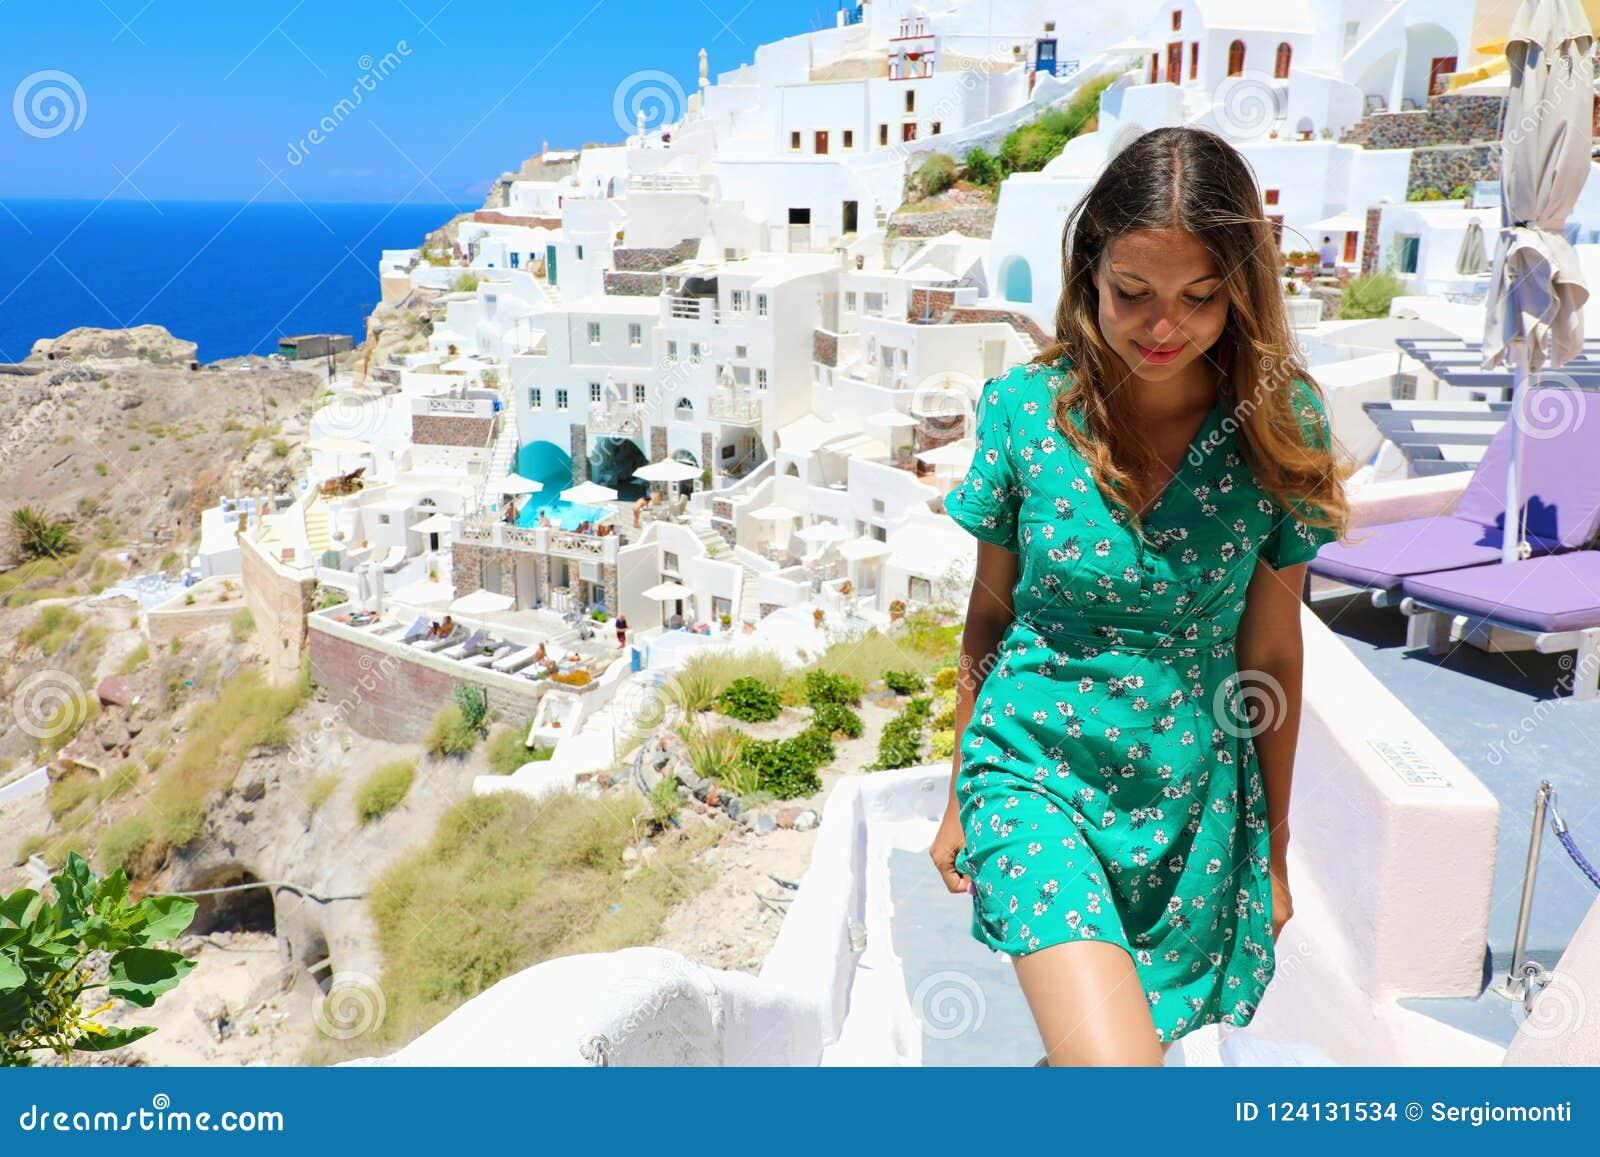 Podróży turystyczna szczęśliwa kobieta wspina się schodki w Santorini, Cyclades wyspy, Grecja, Europa Dziewczyna na wakacje